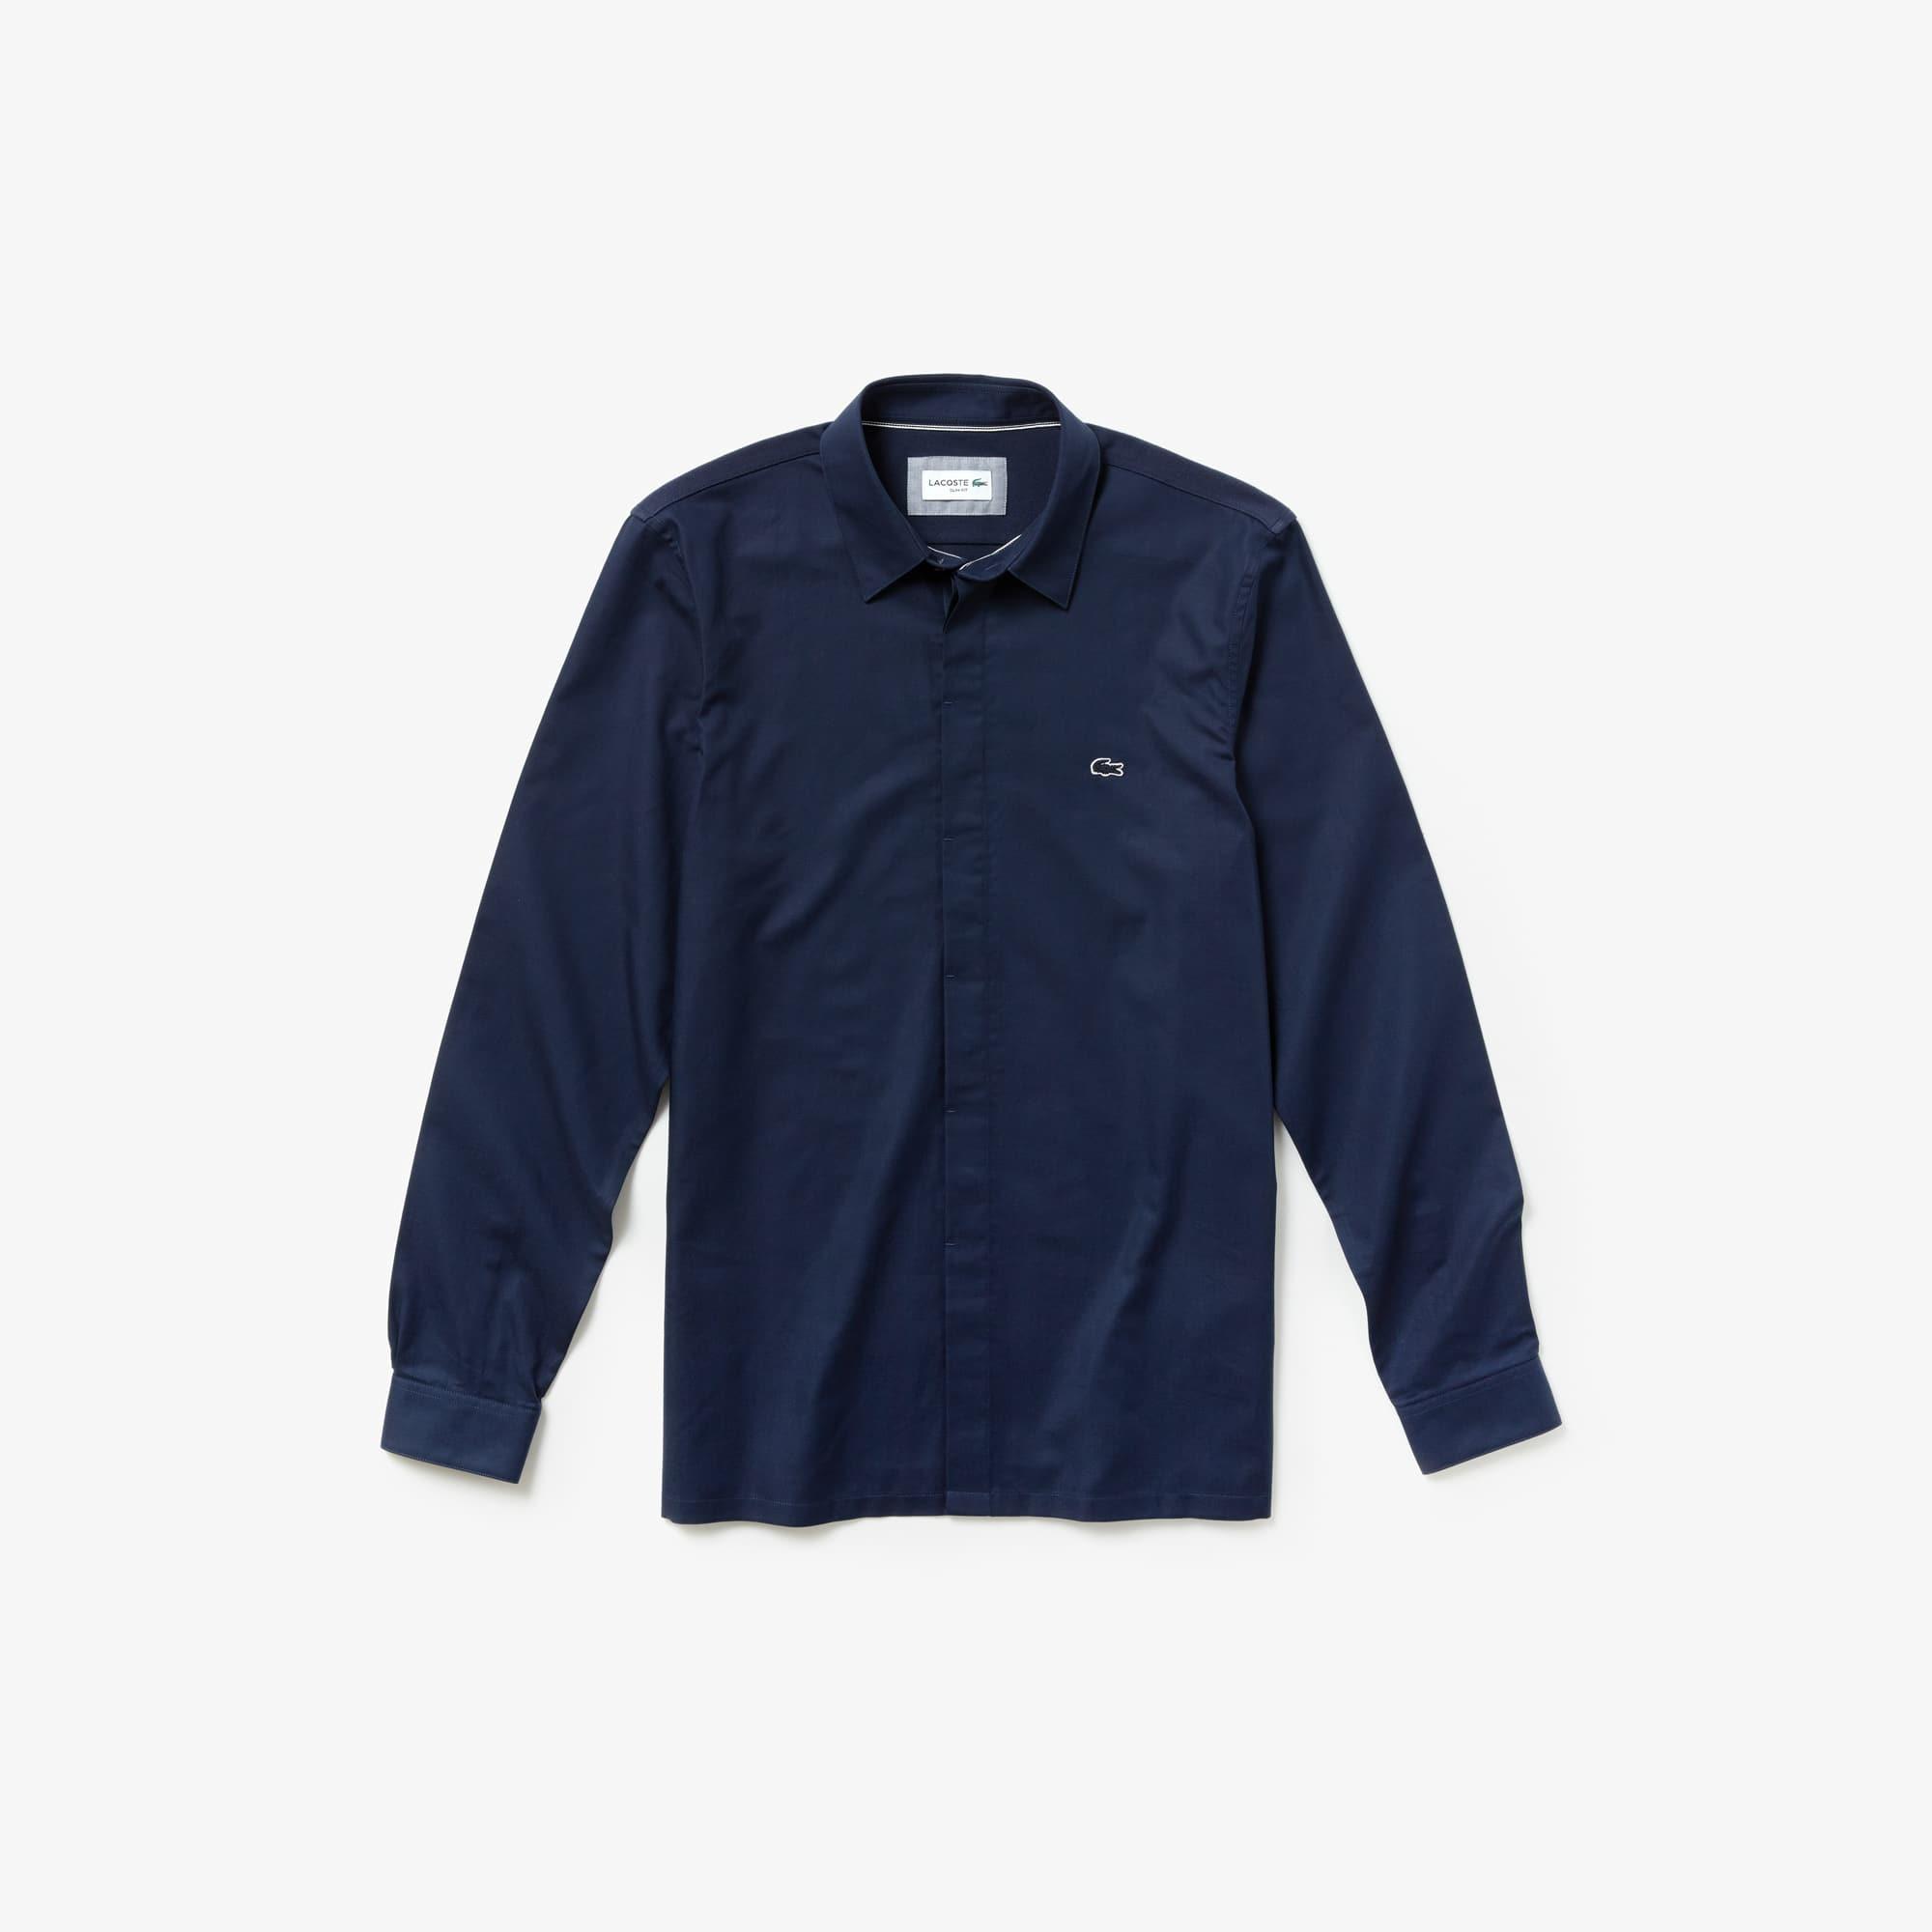 Herren Slim Fit Hemd aus Baumwoll-Mini-Piqué LACOSTE MOTION